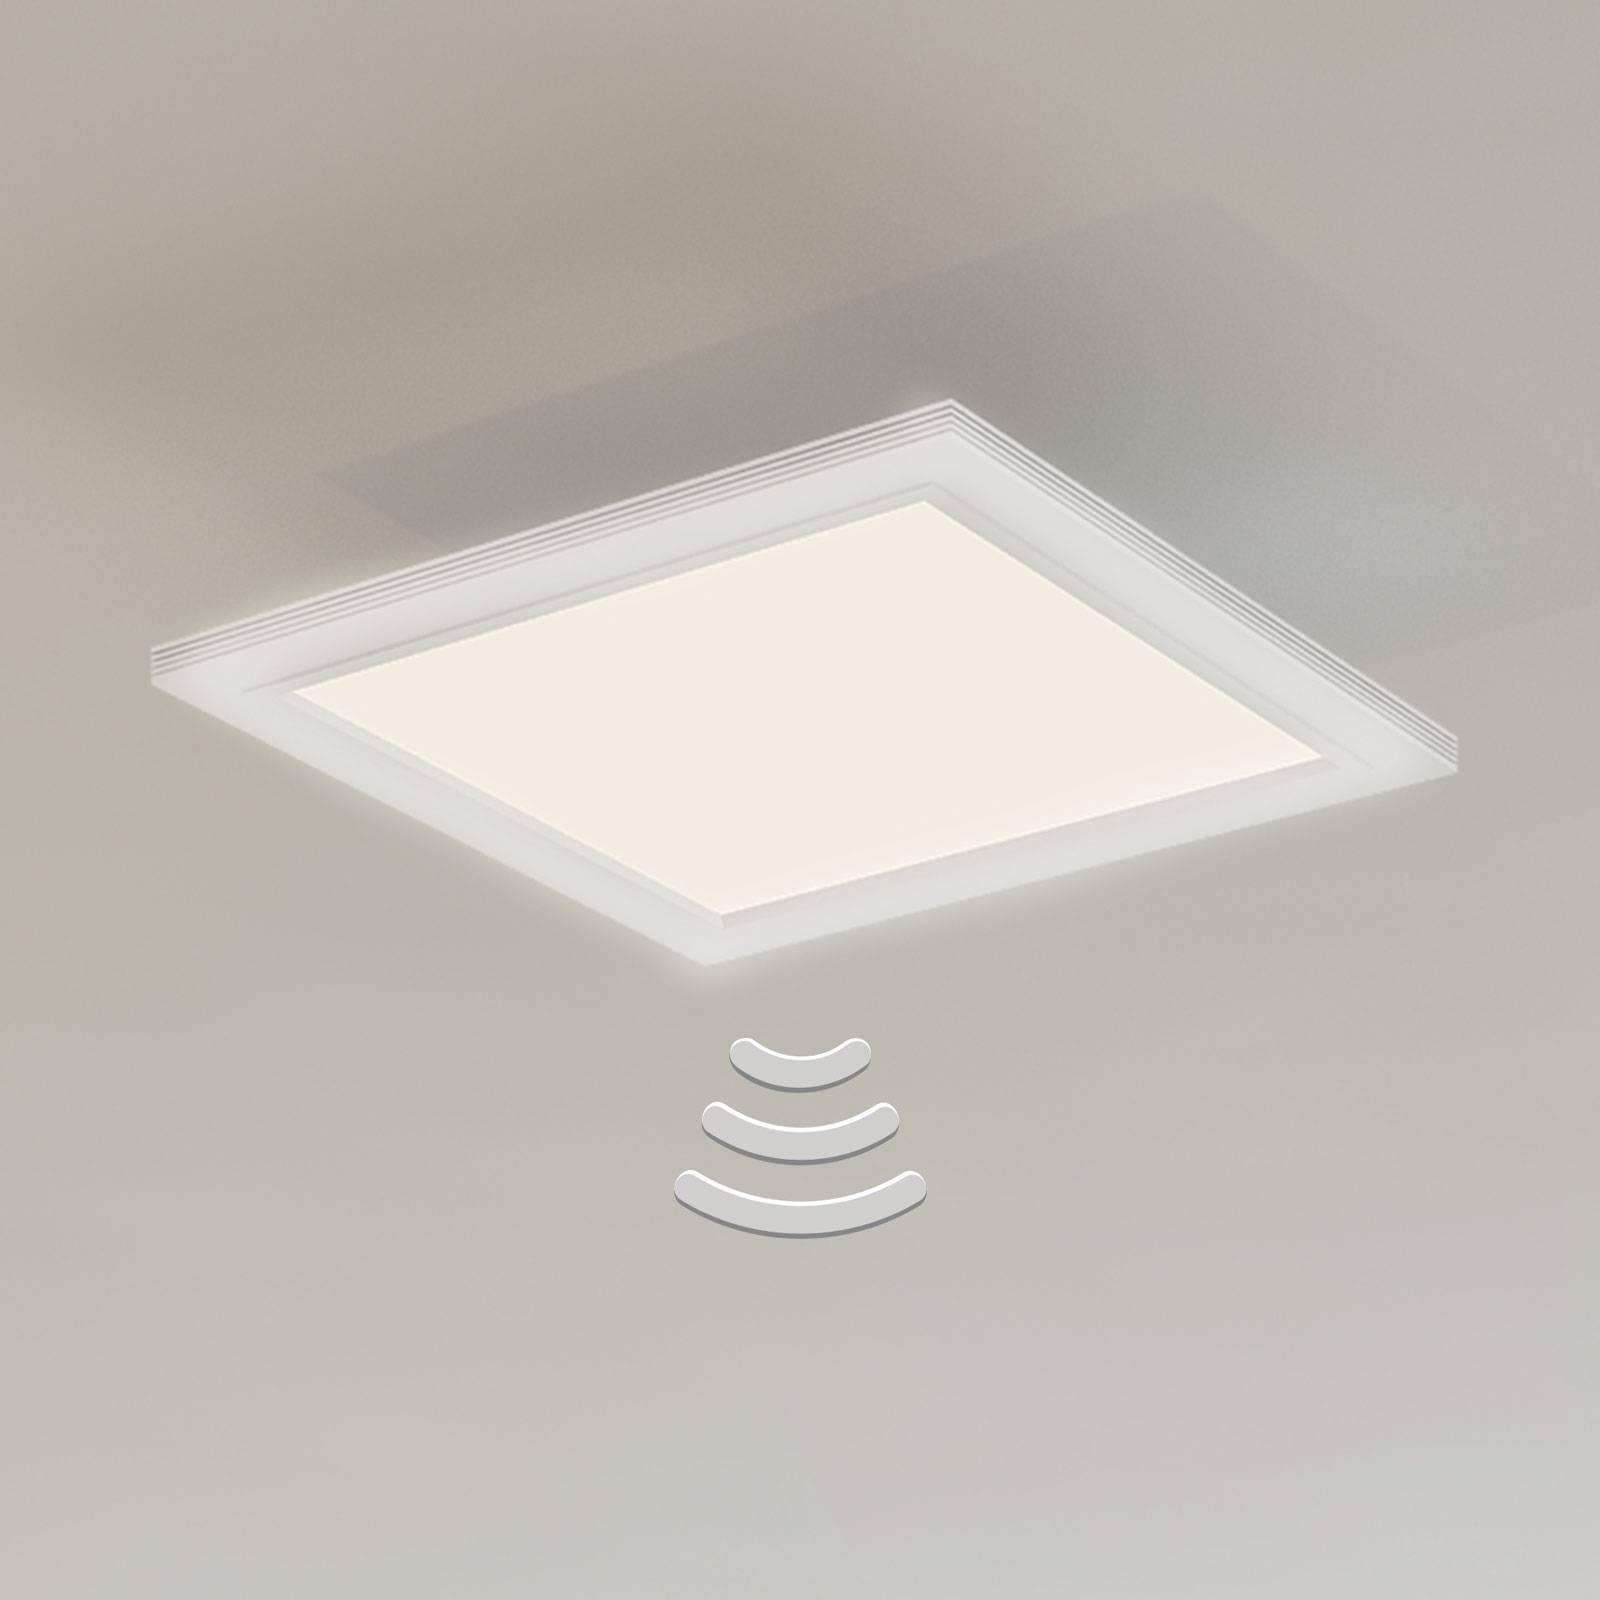 Lampa sufitowa LED 7187-016, czujnik, 29,5x29,5cm